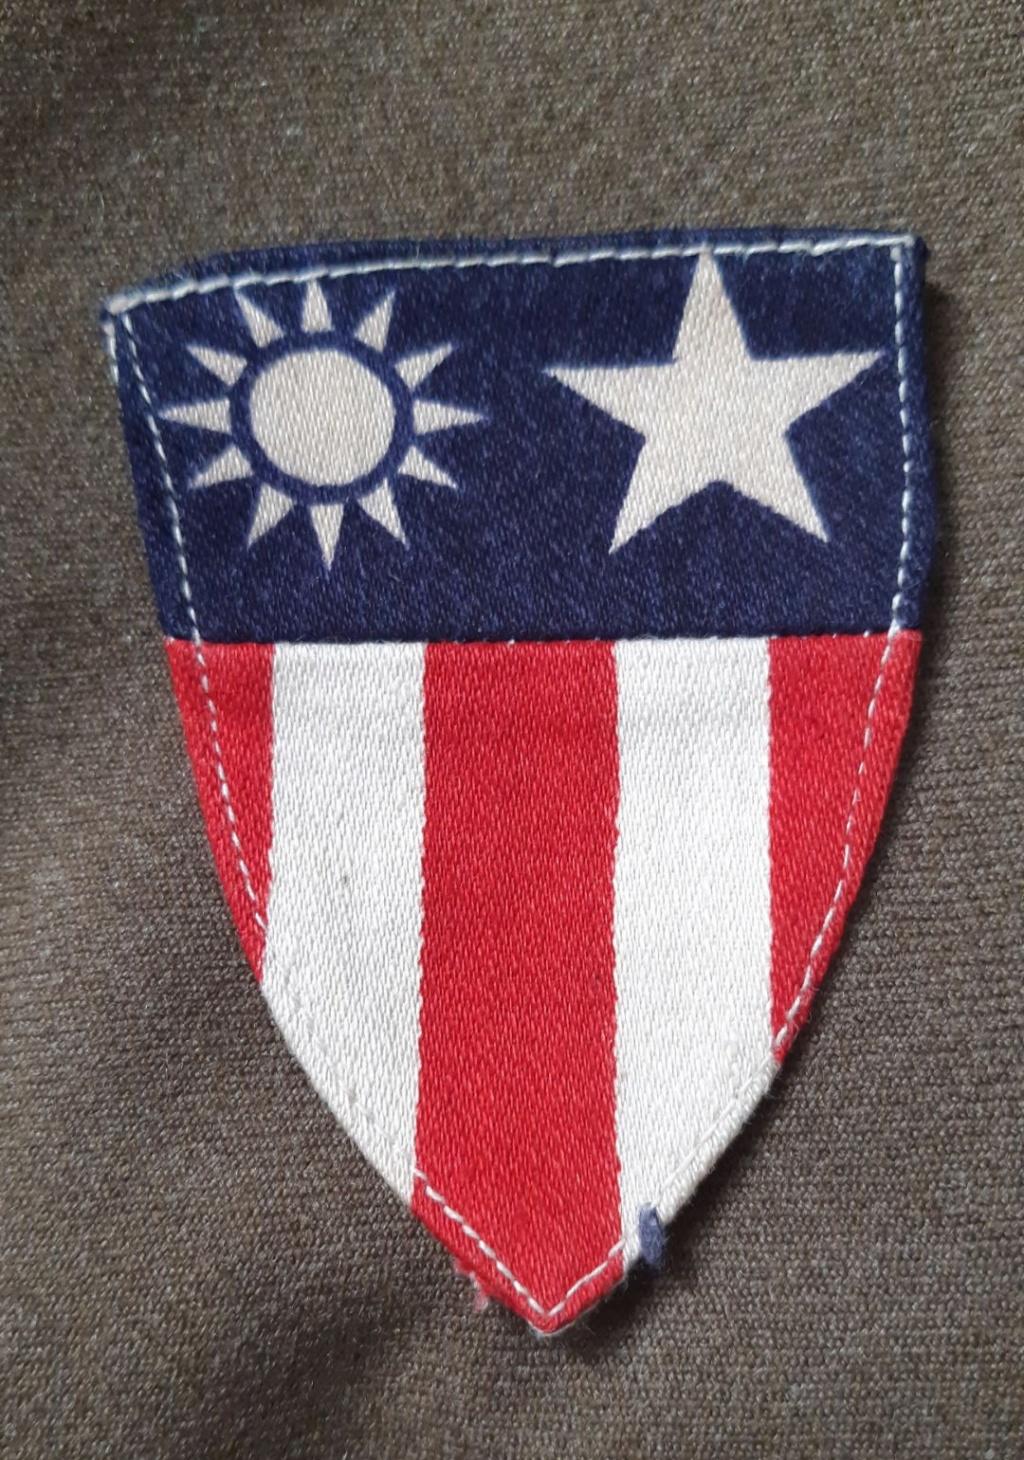 Insigne China-Burma US ww2 20190772